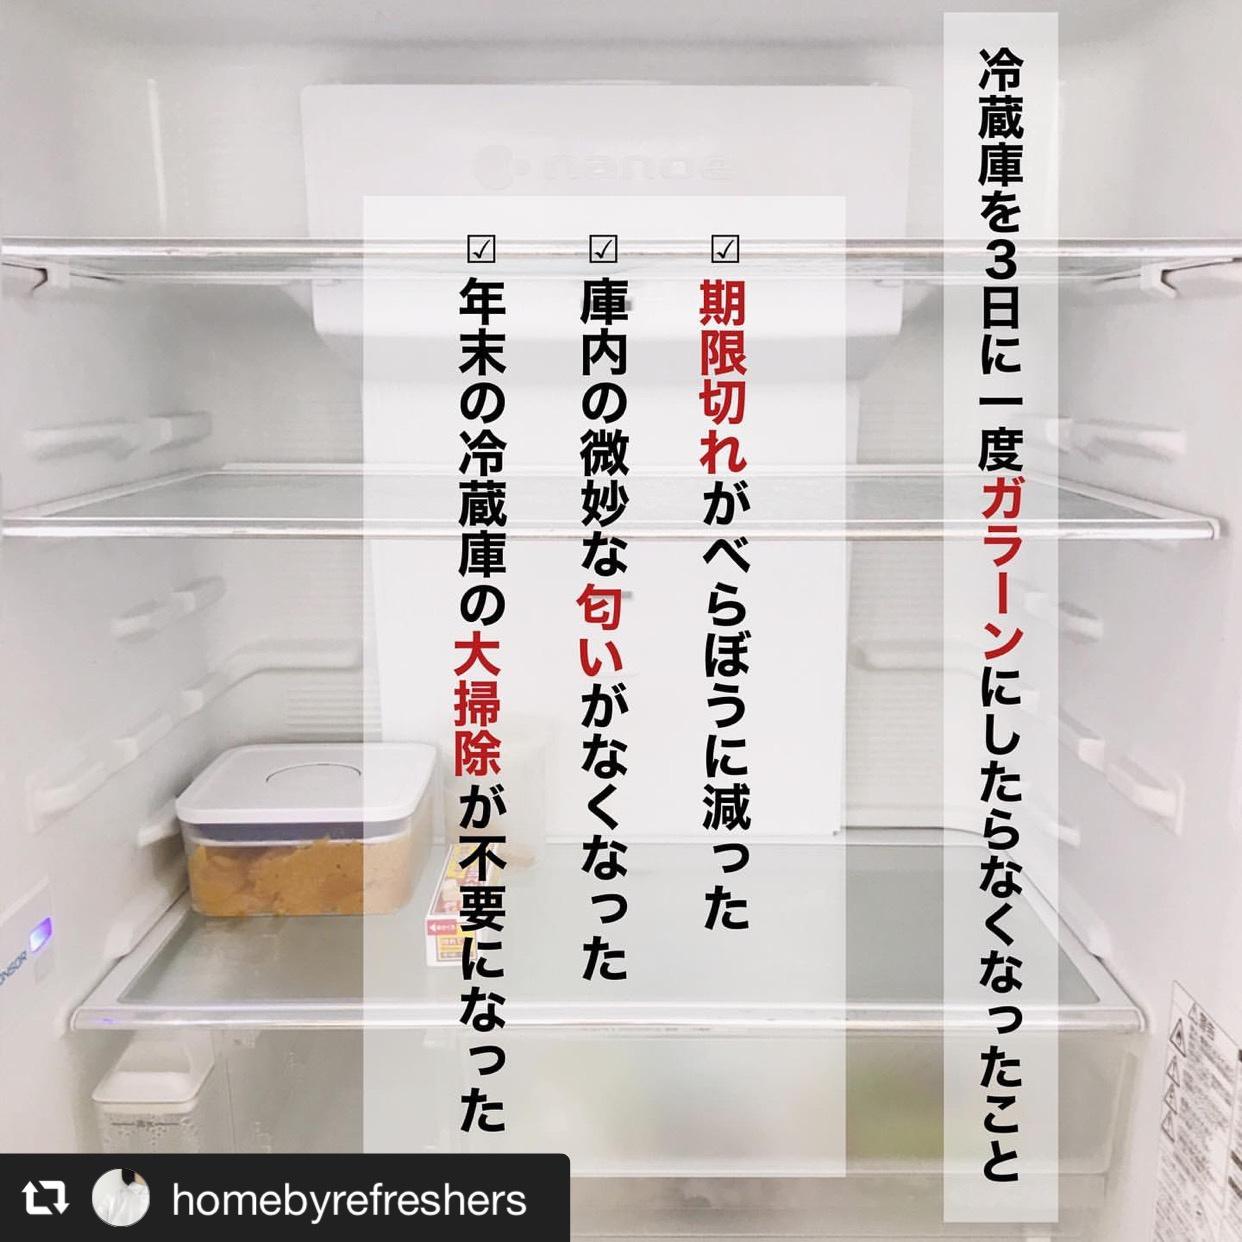 冷蔵庫を3日に1度カラッポにする 画像1